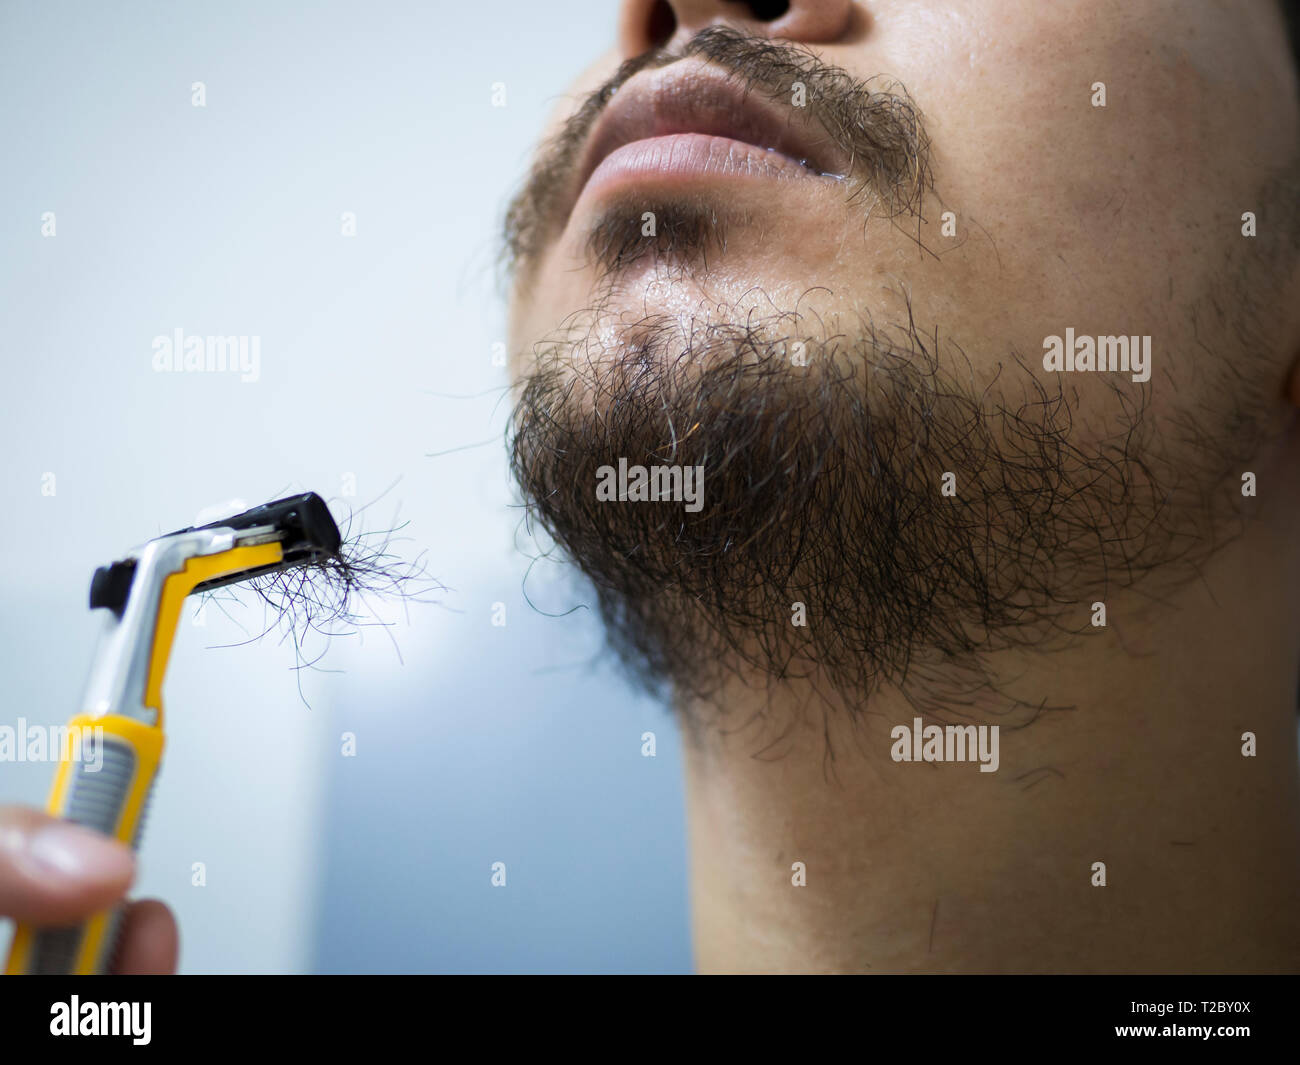 Closeup hombre utilice el amarillo afeitadora desordenado de afeitado de la barba y el bigote en su rostro en el baño. Foto de stock